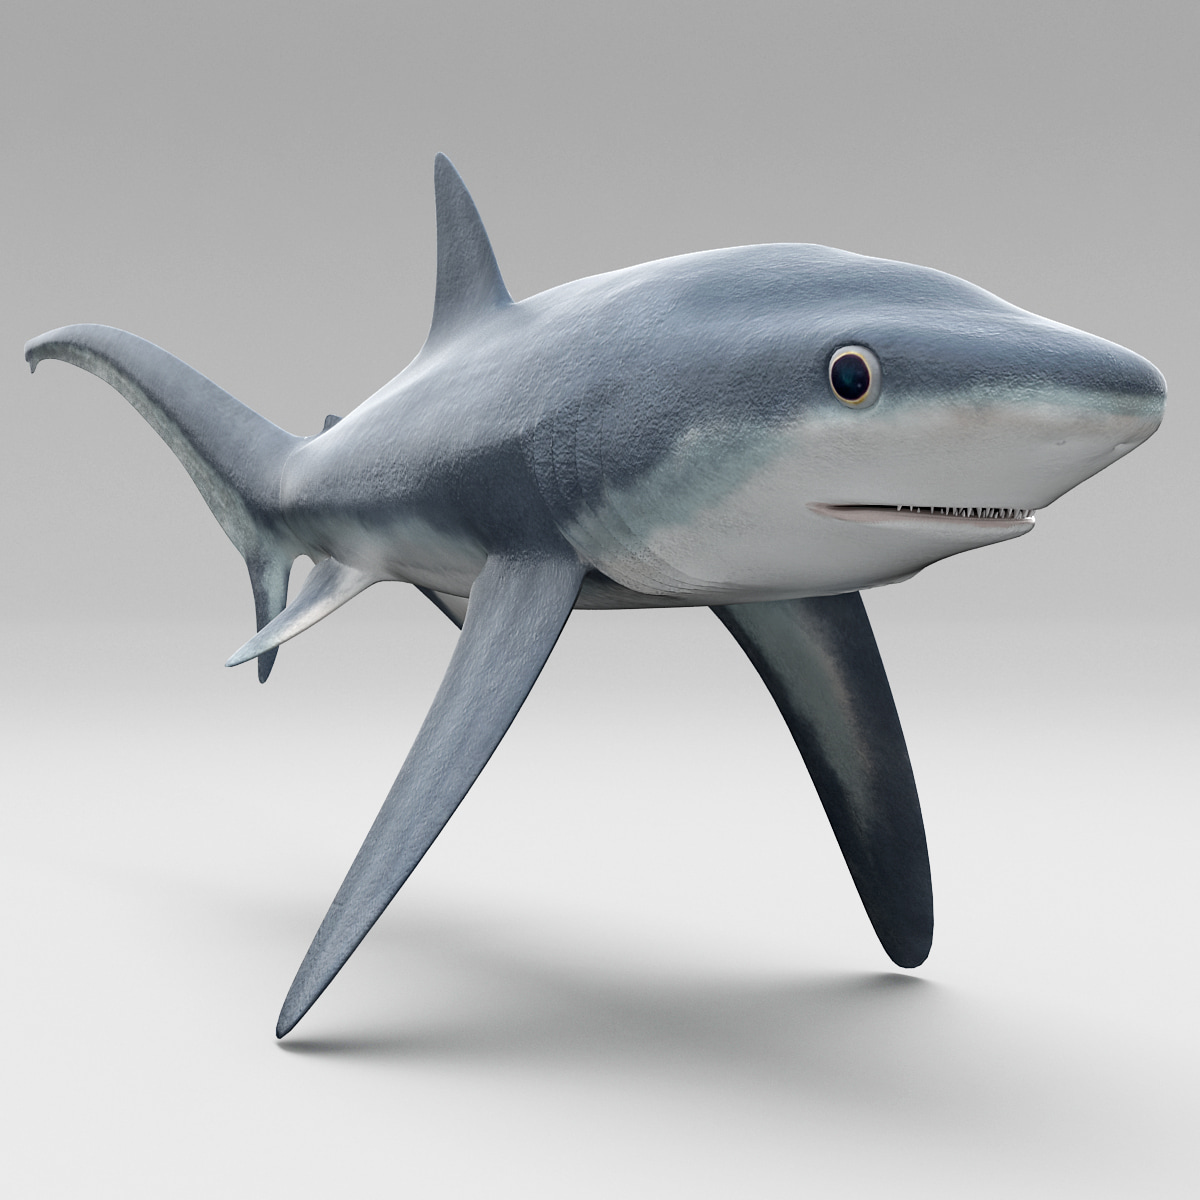 3ds max fox shark